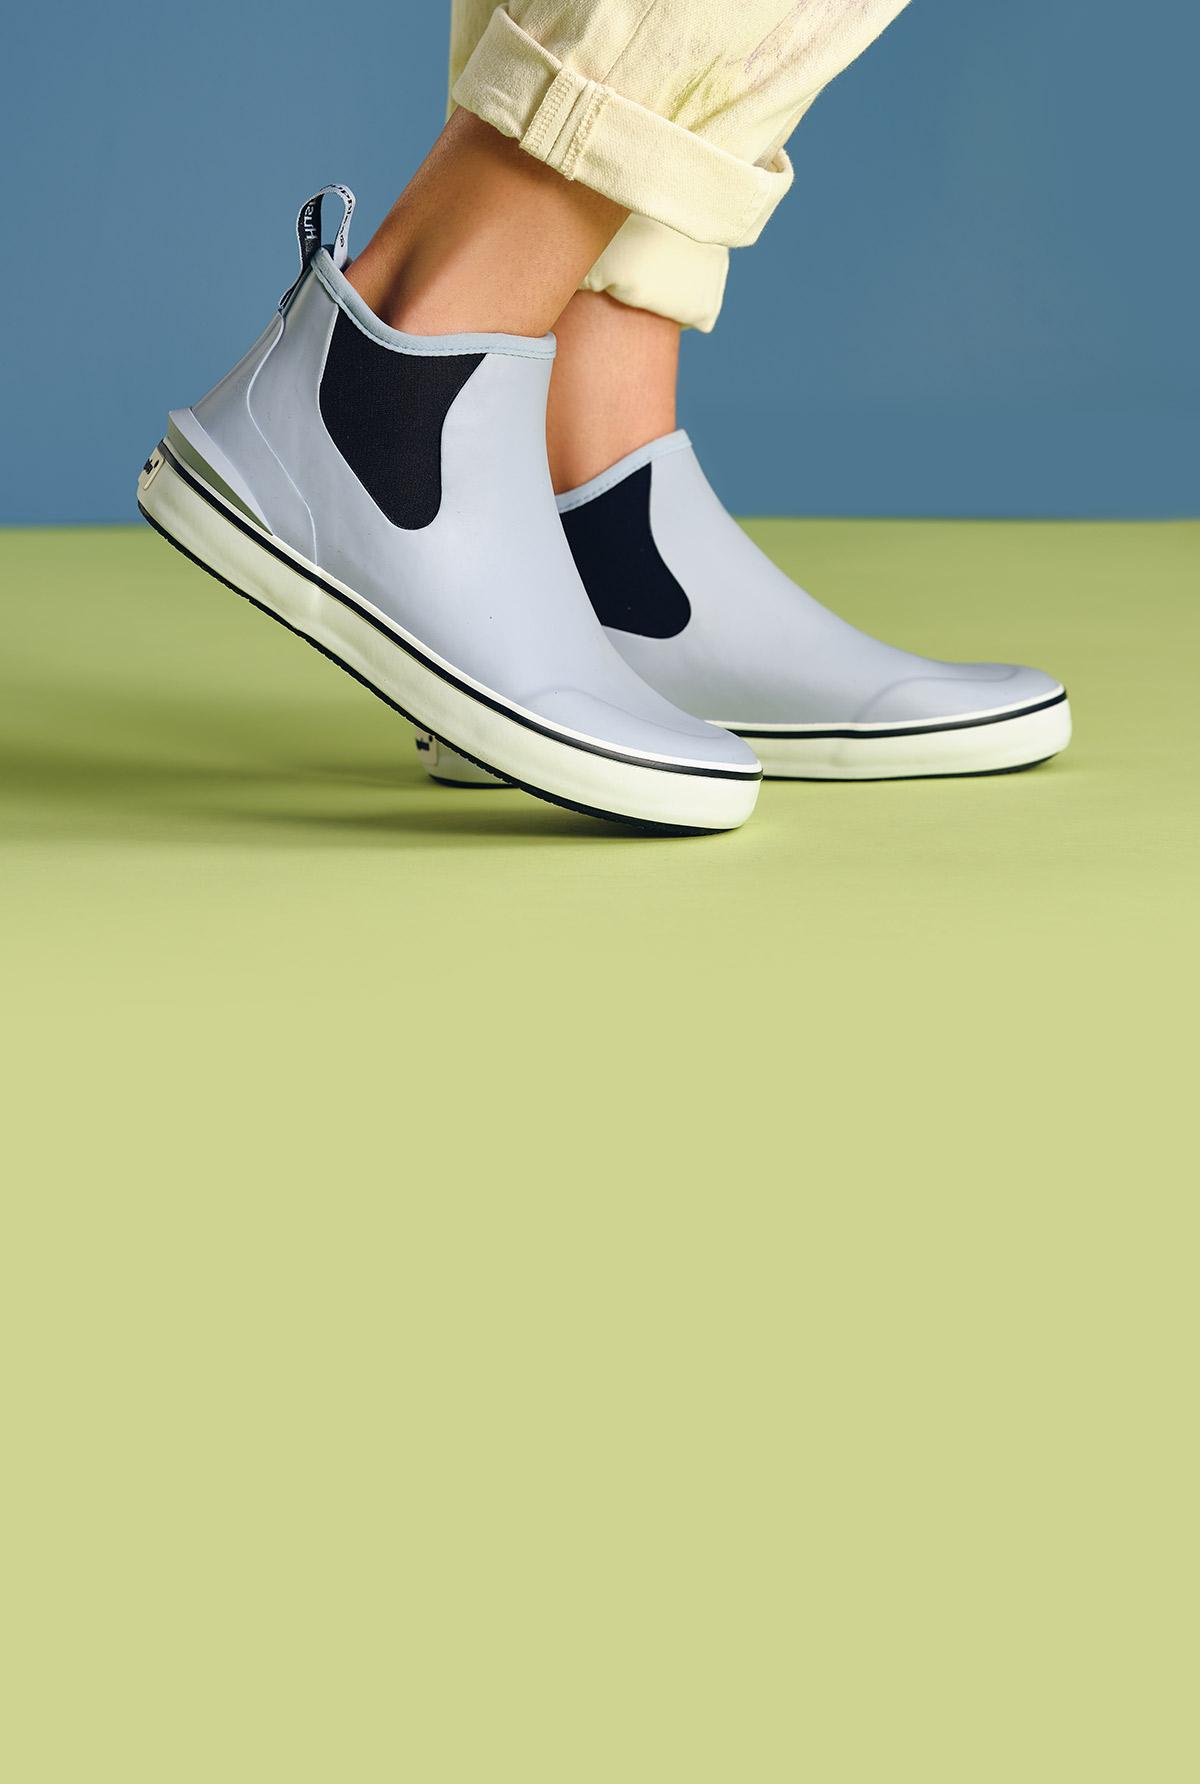 Rain sneakers.